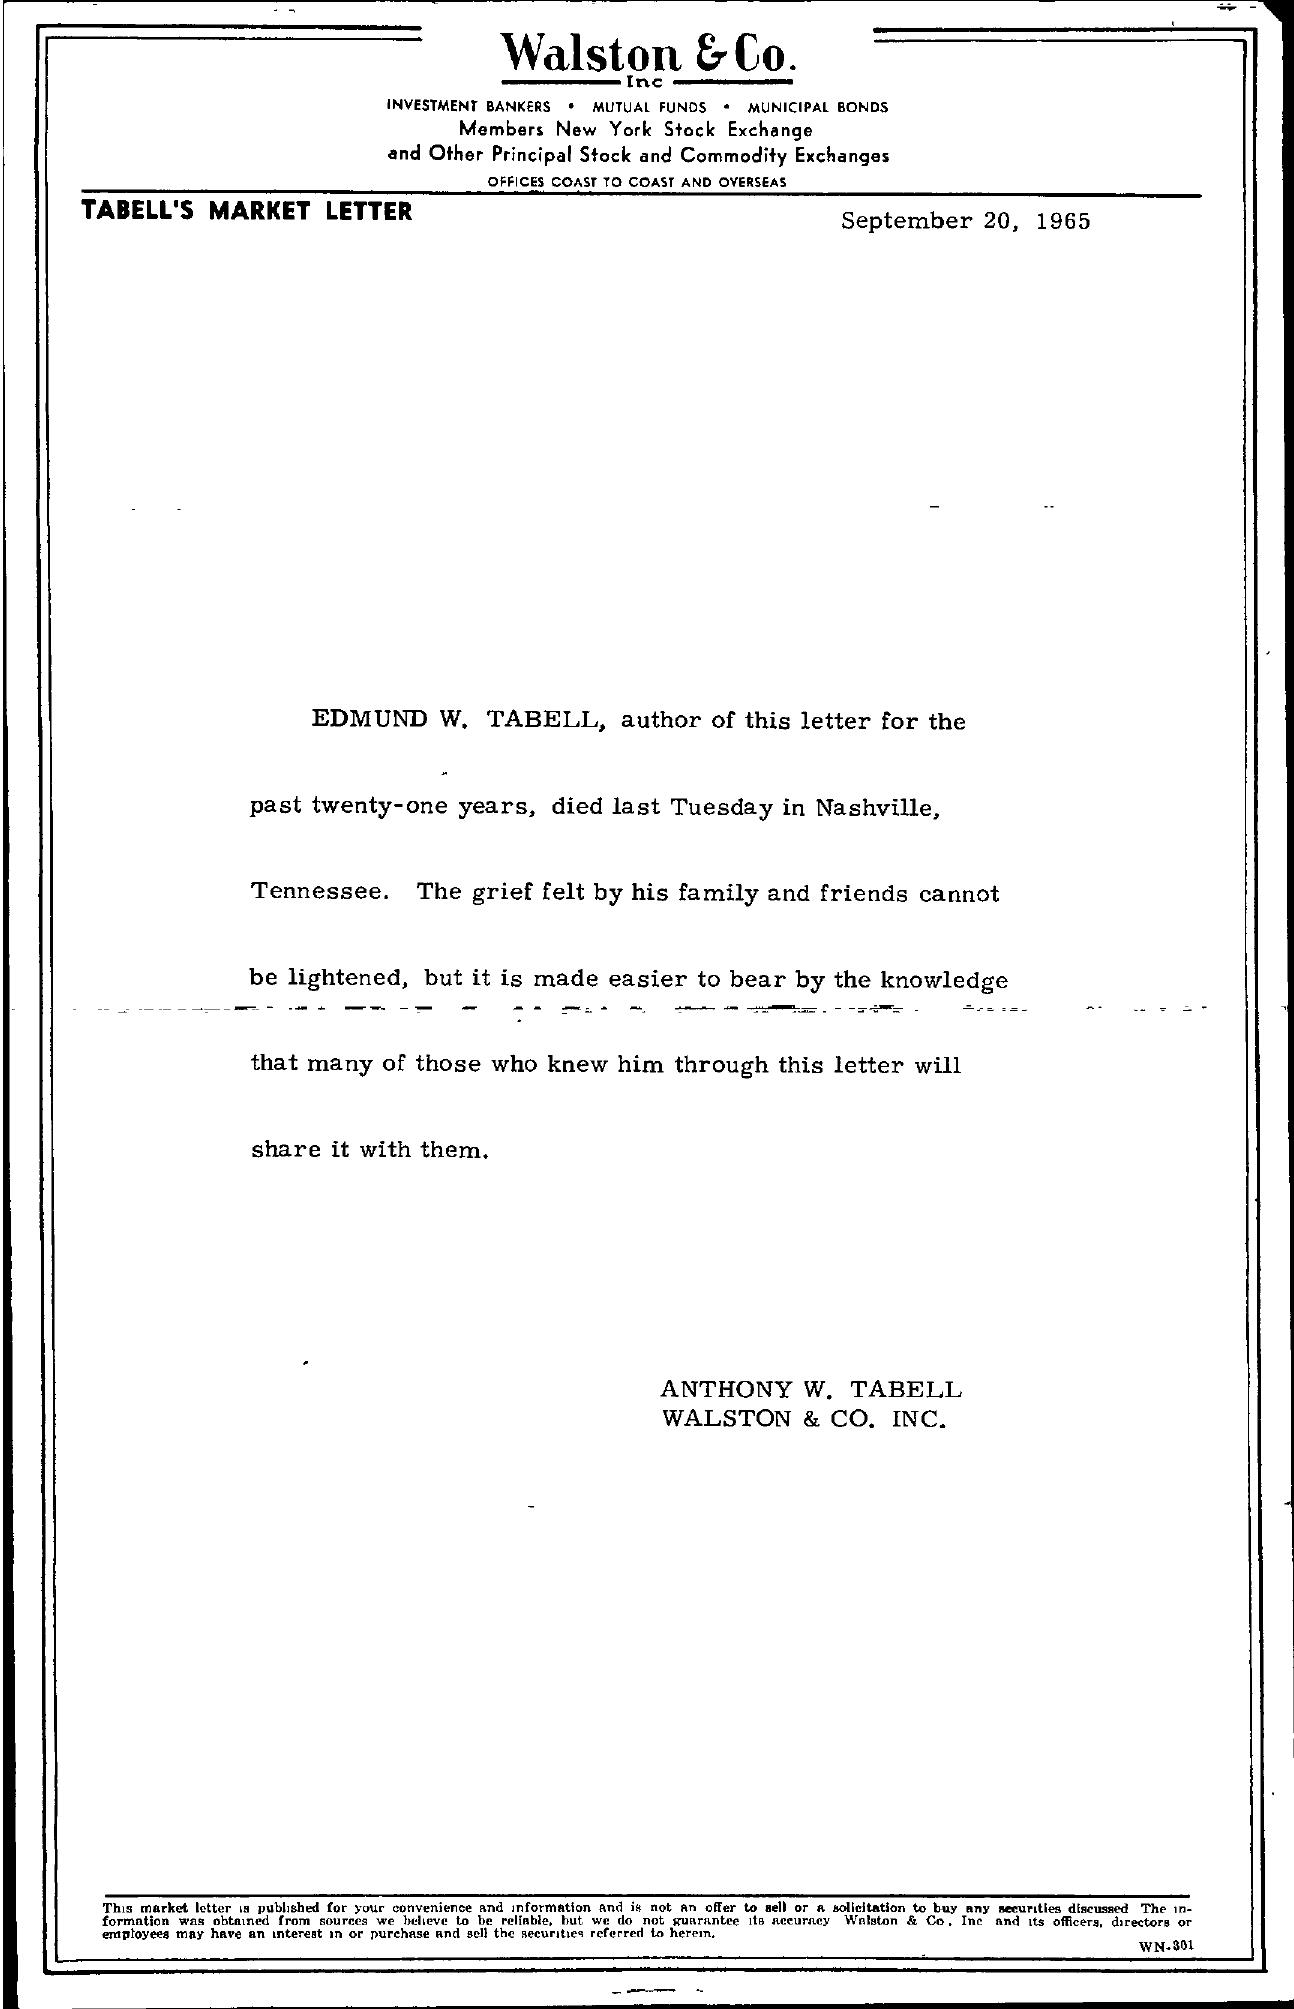 Tabell's Market Letter - September 20, 1965